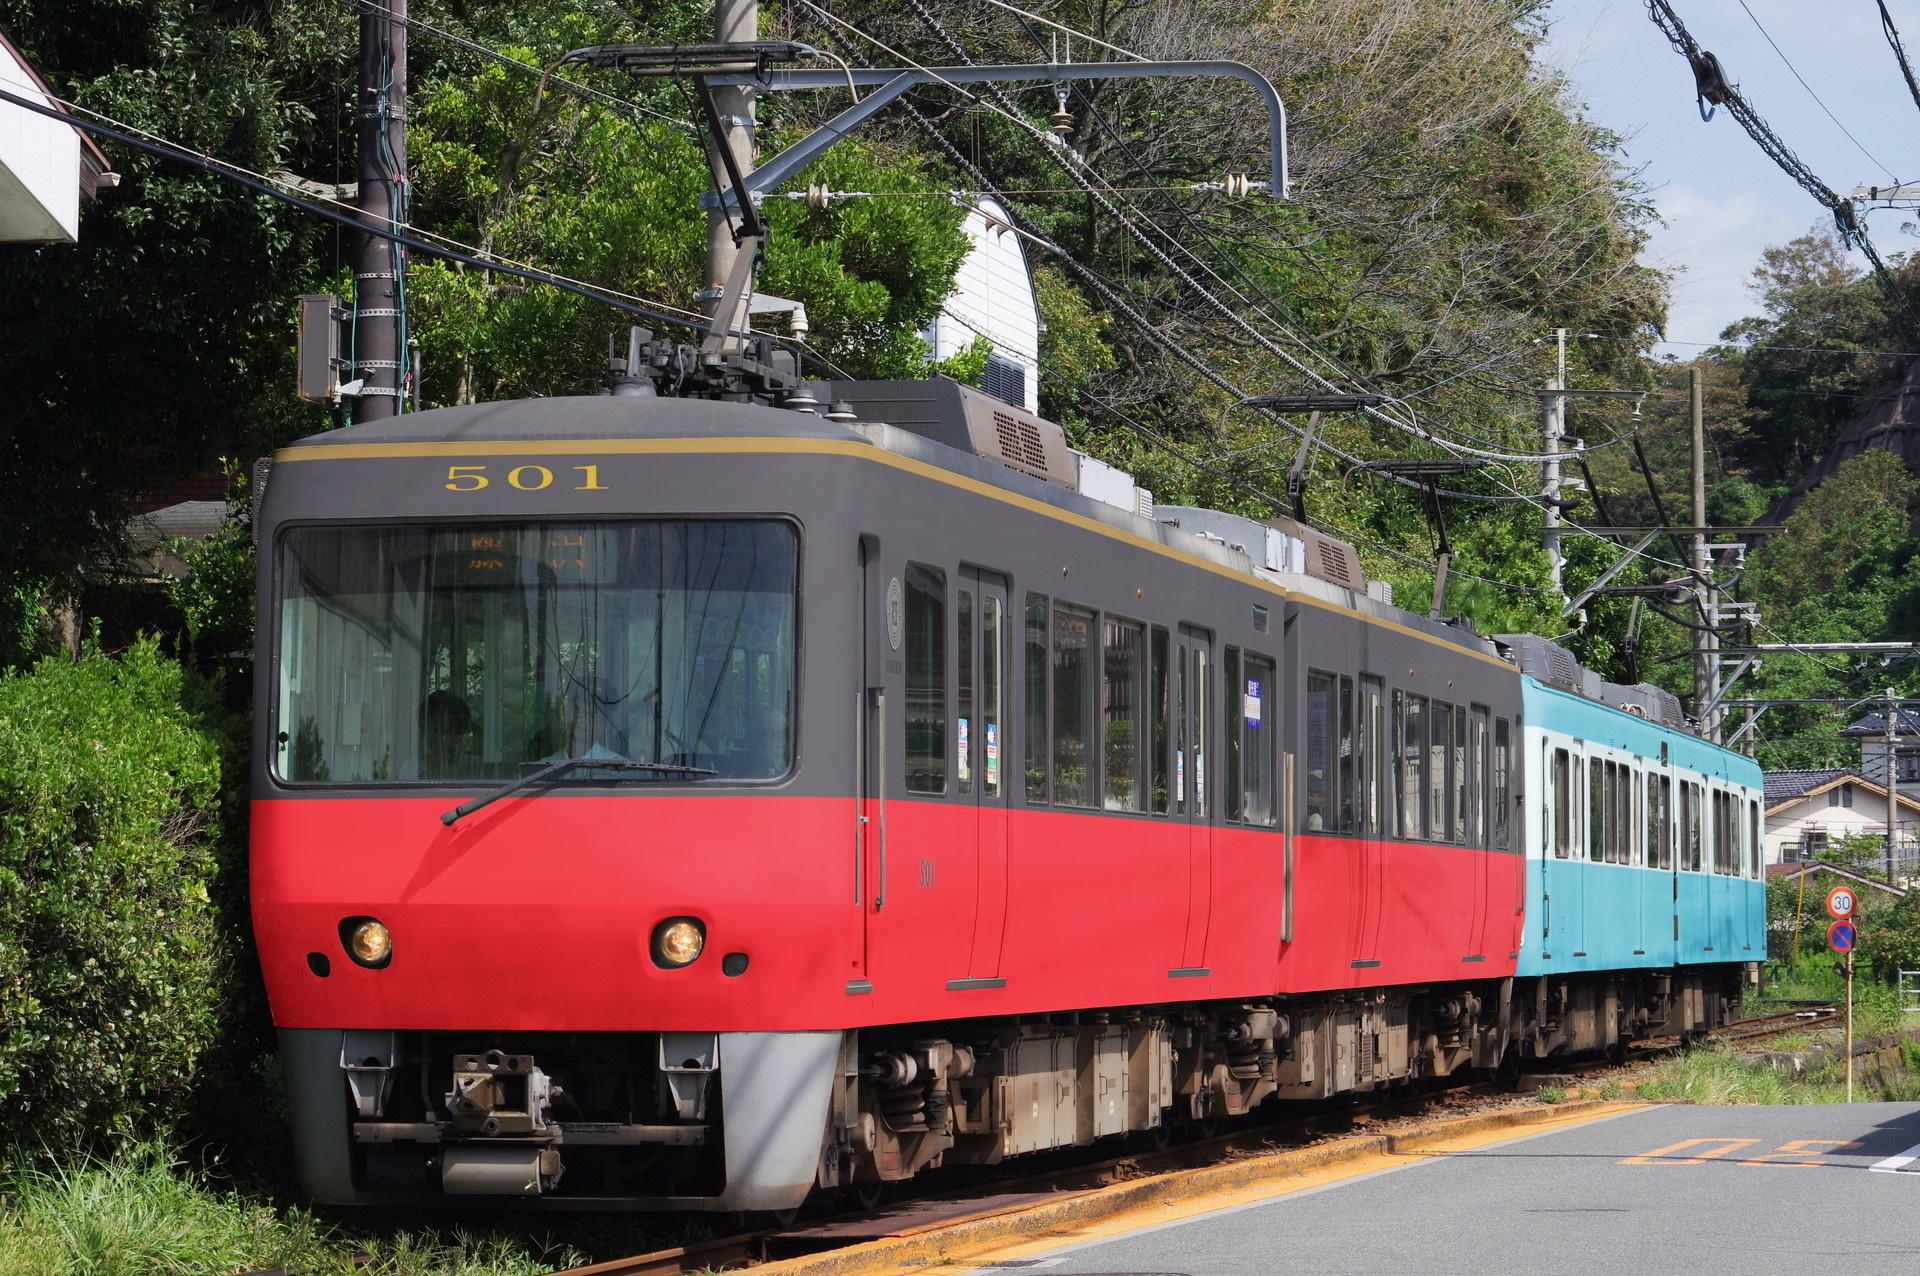 銚子電鉄標準色に塗られた江ノ電500形と、水色に塗られた1200形(ウソ電)